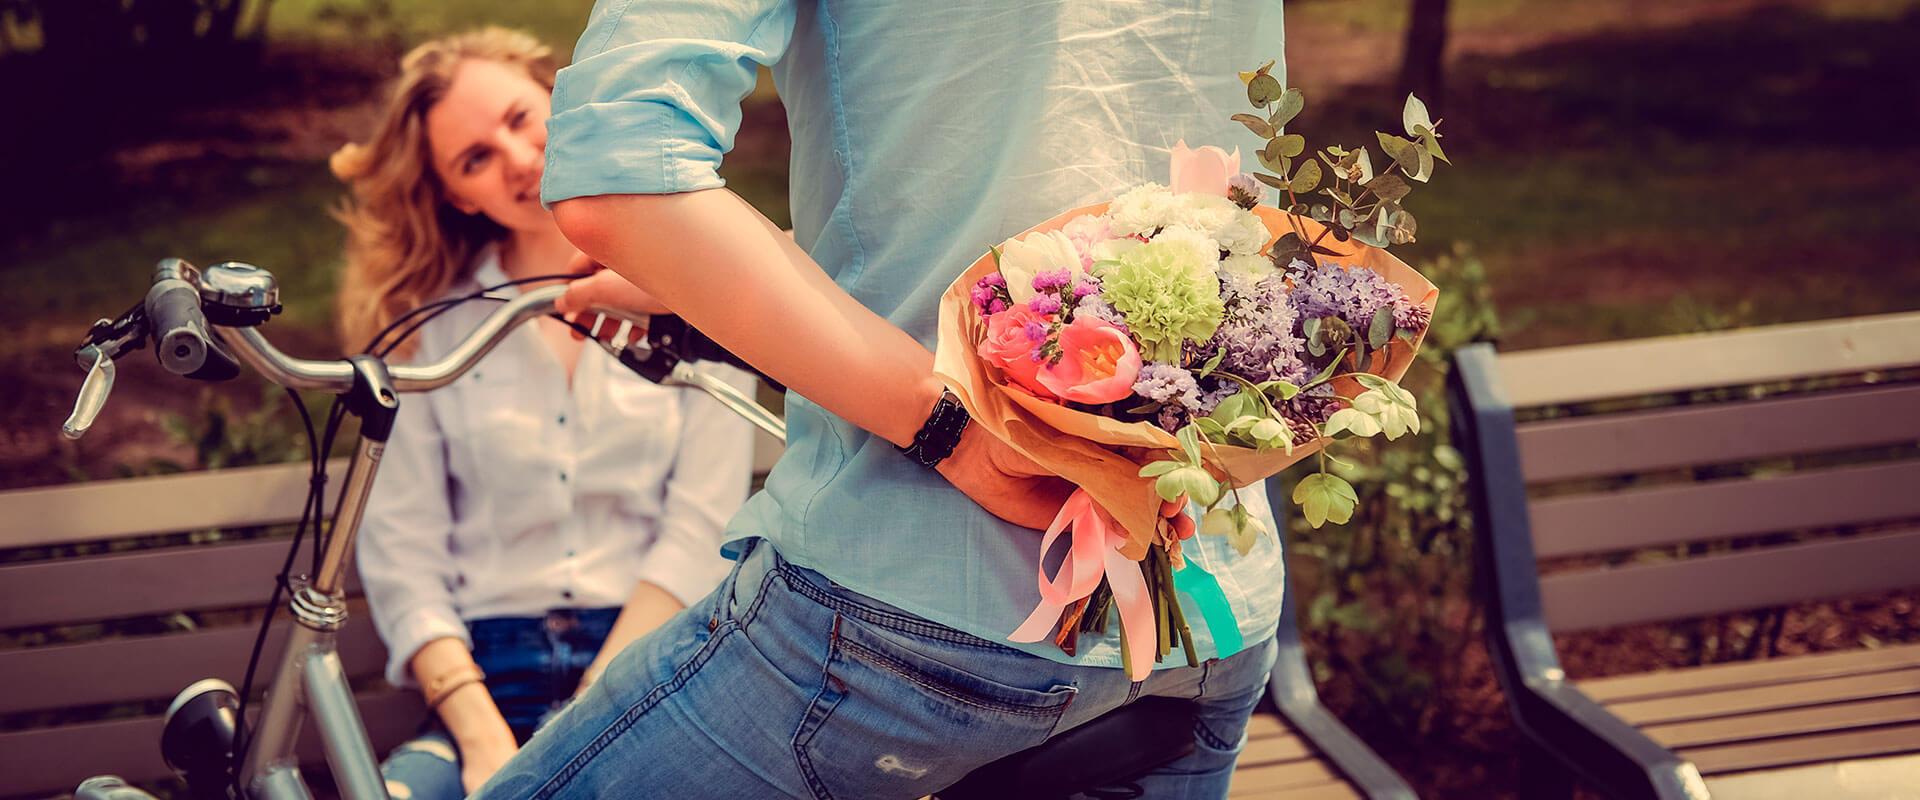 Hombre sorprendiendo a una mujer con un ramo de flores.